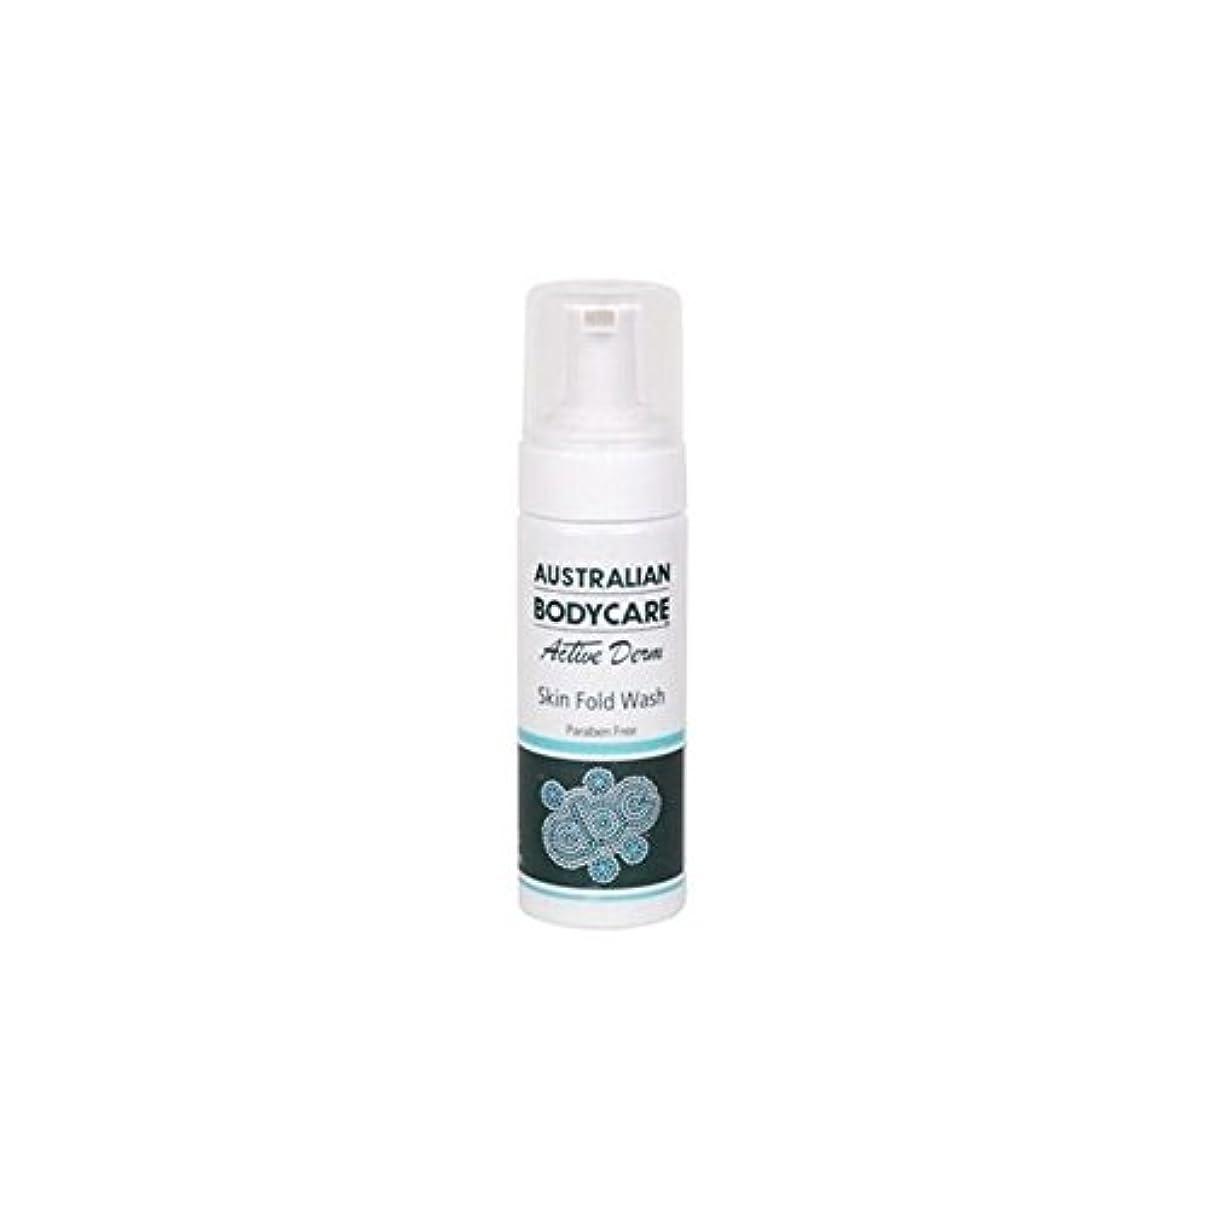 バング誇張する計り知れないAustralian Bodycare Active Derm Skin Fold Wash (150ml) - オーストラリアのボディケアアクティブダームの皮膚のひだの洗浄(150ミリリットル) [並行輸入品]